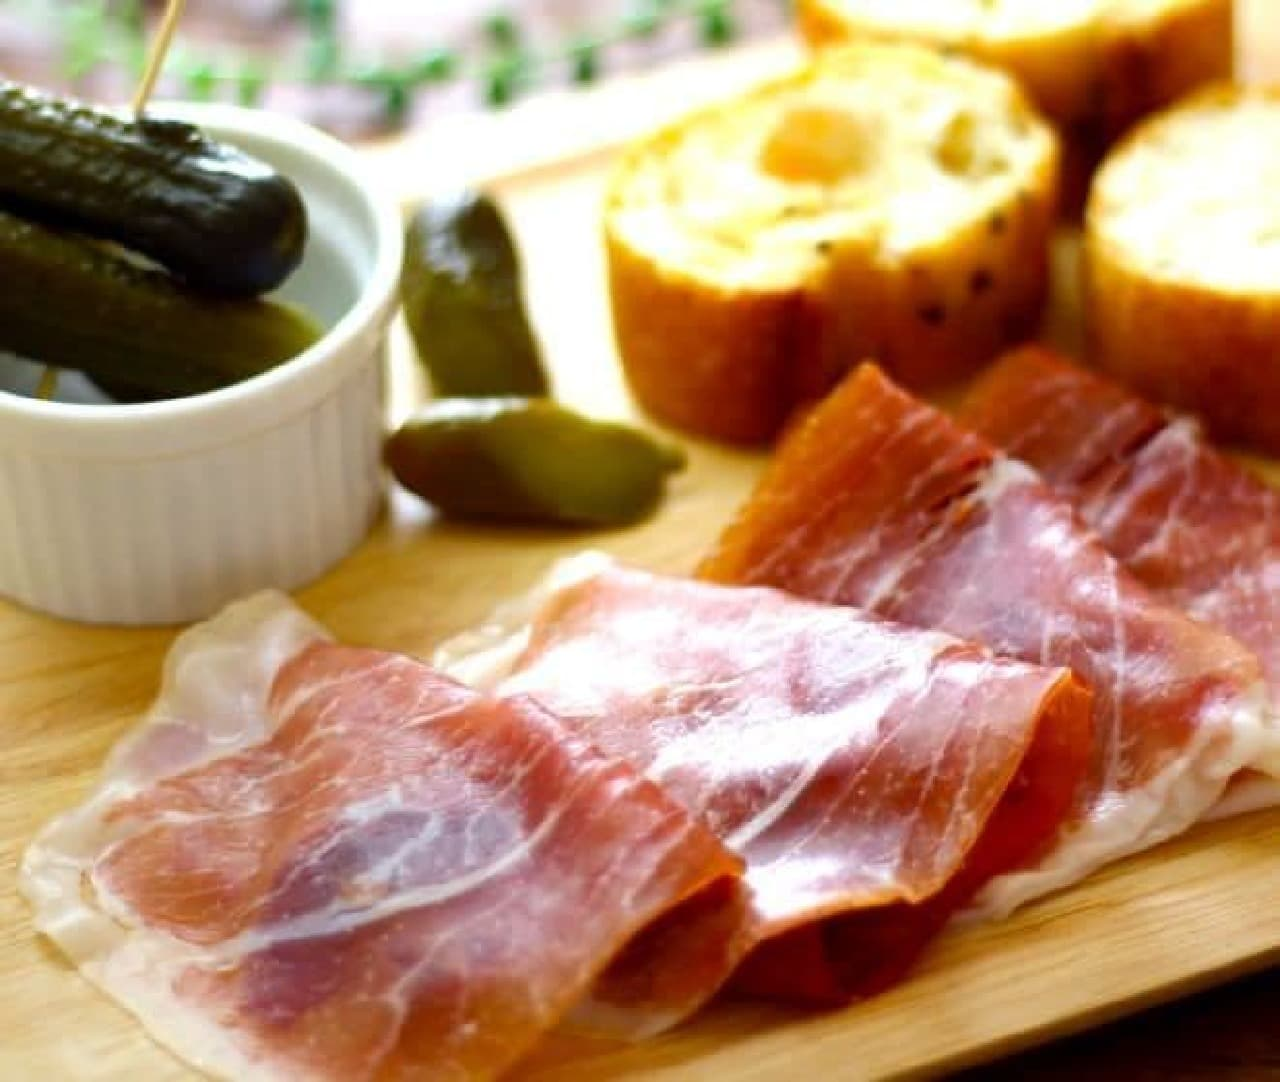 カルディコーヒーファームから、世界各国の肉関連の商品が数多く展開される